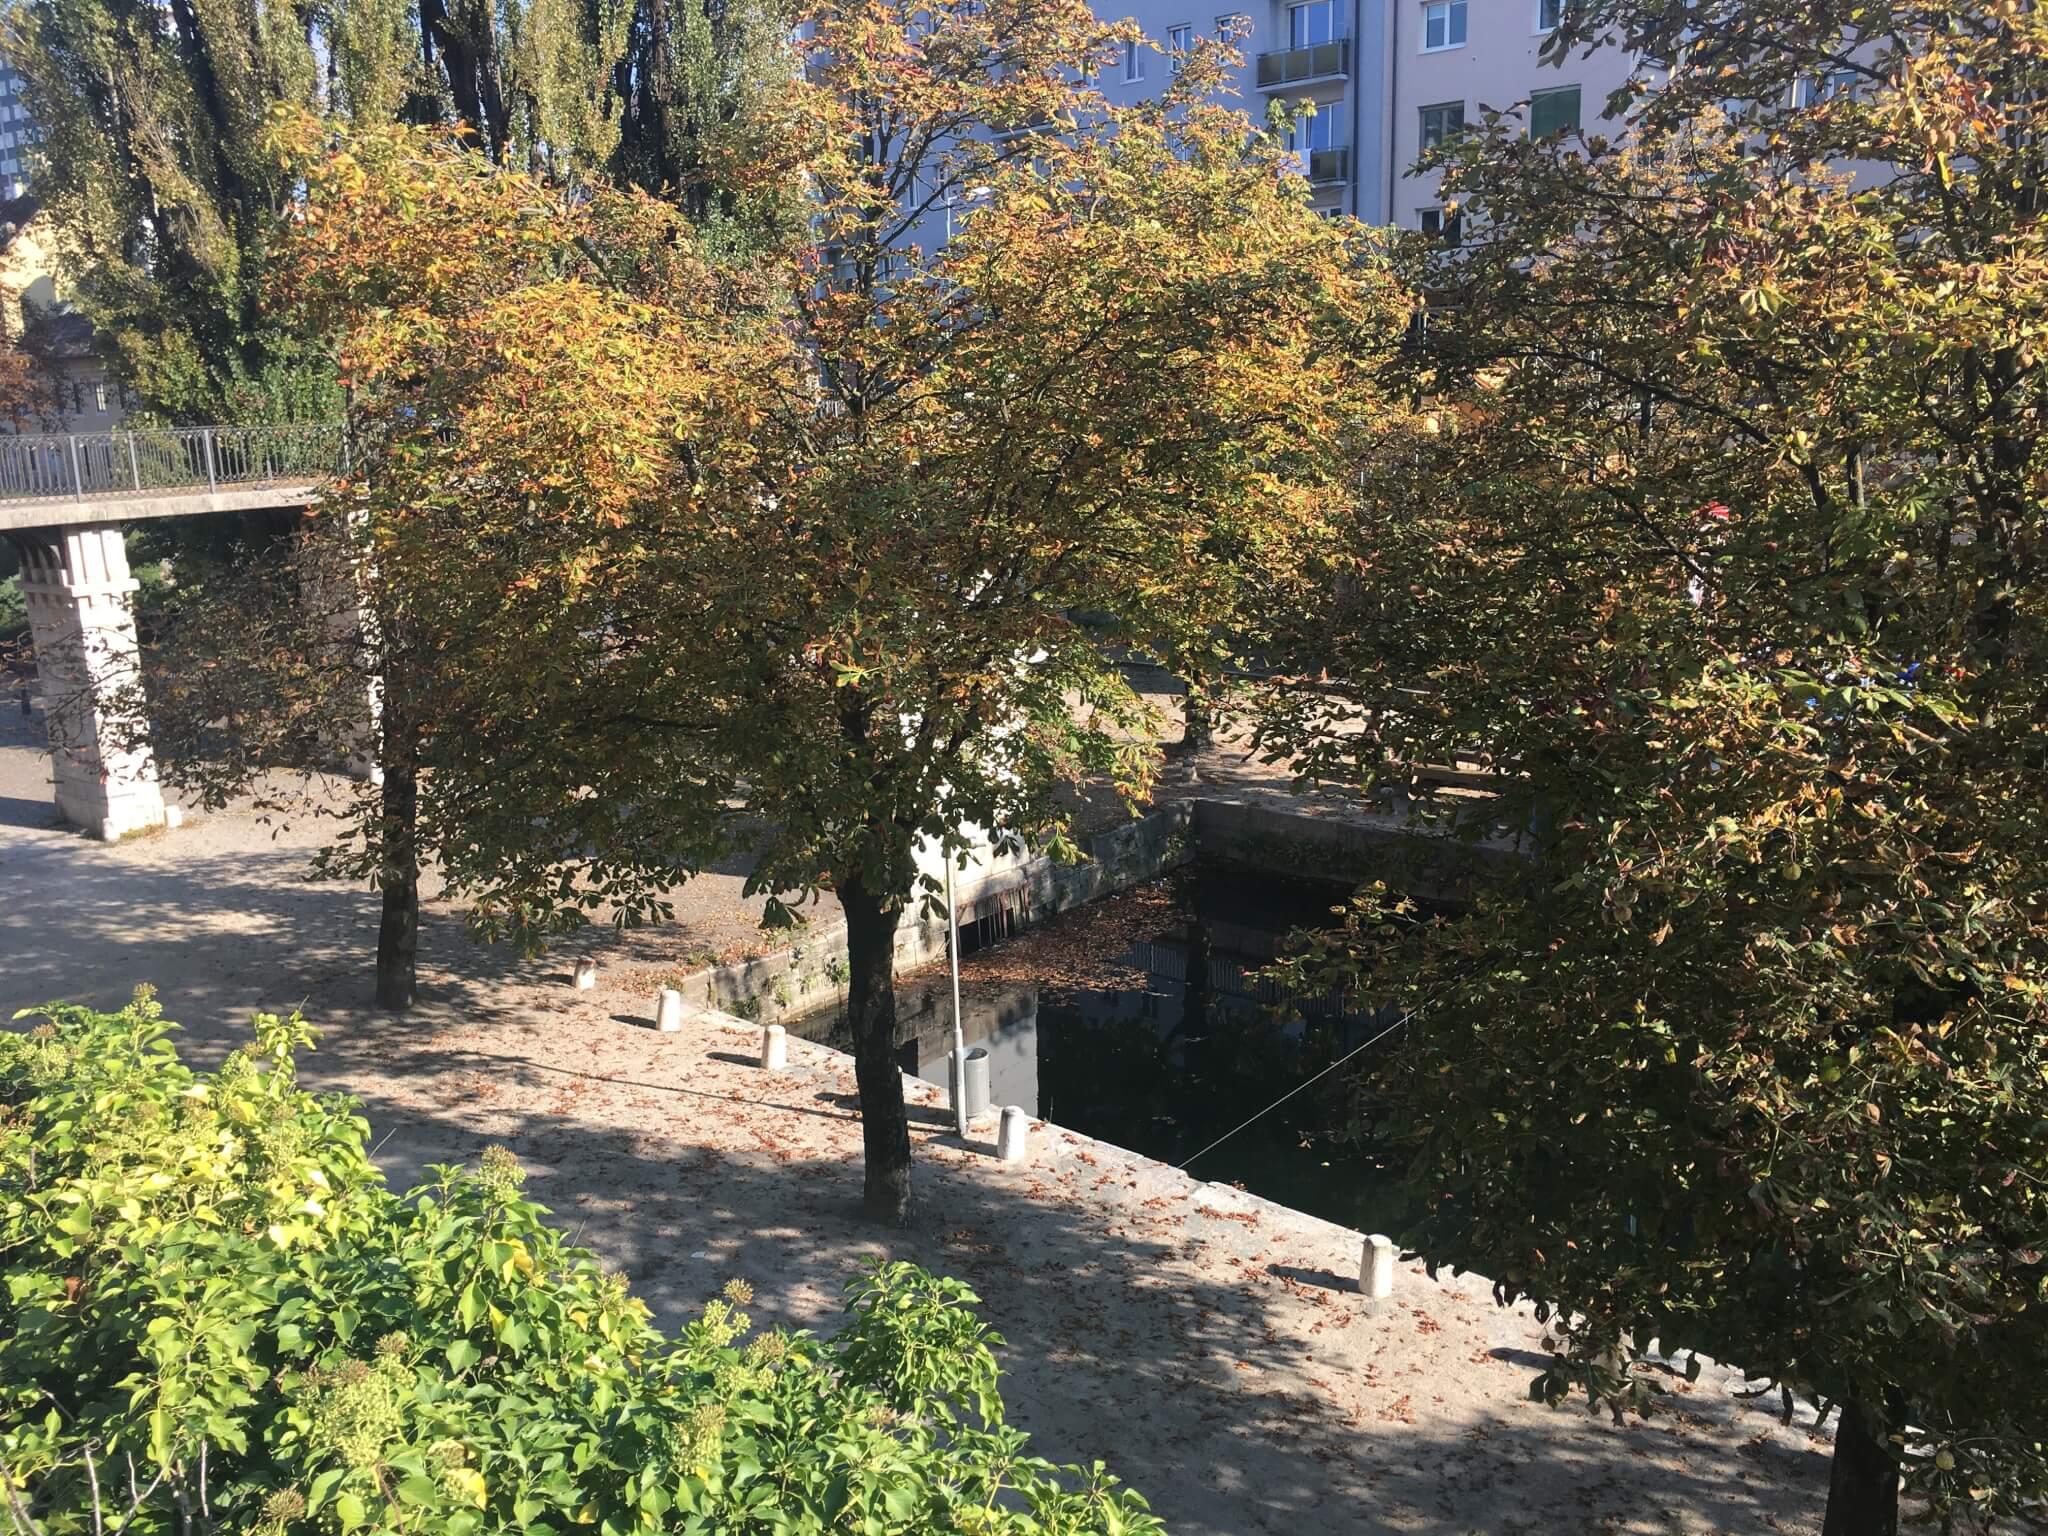 Lendkanal, Klagenfurt